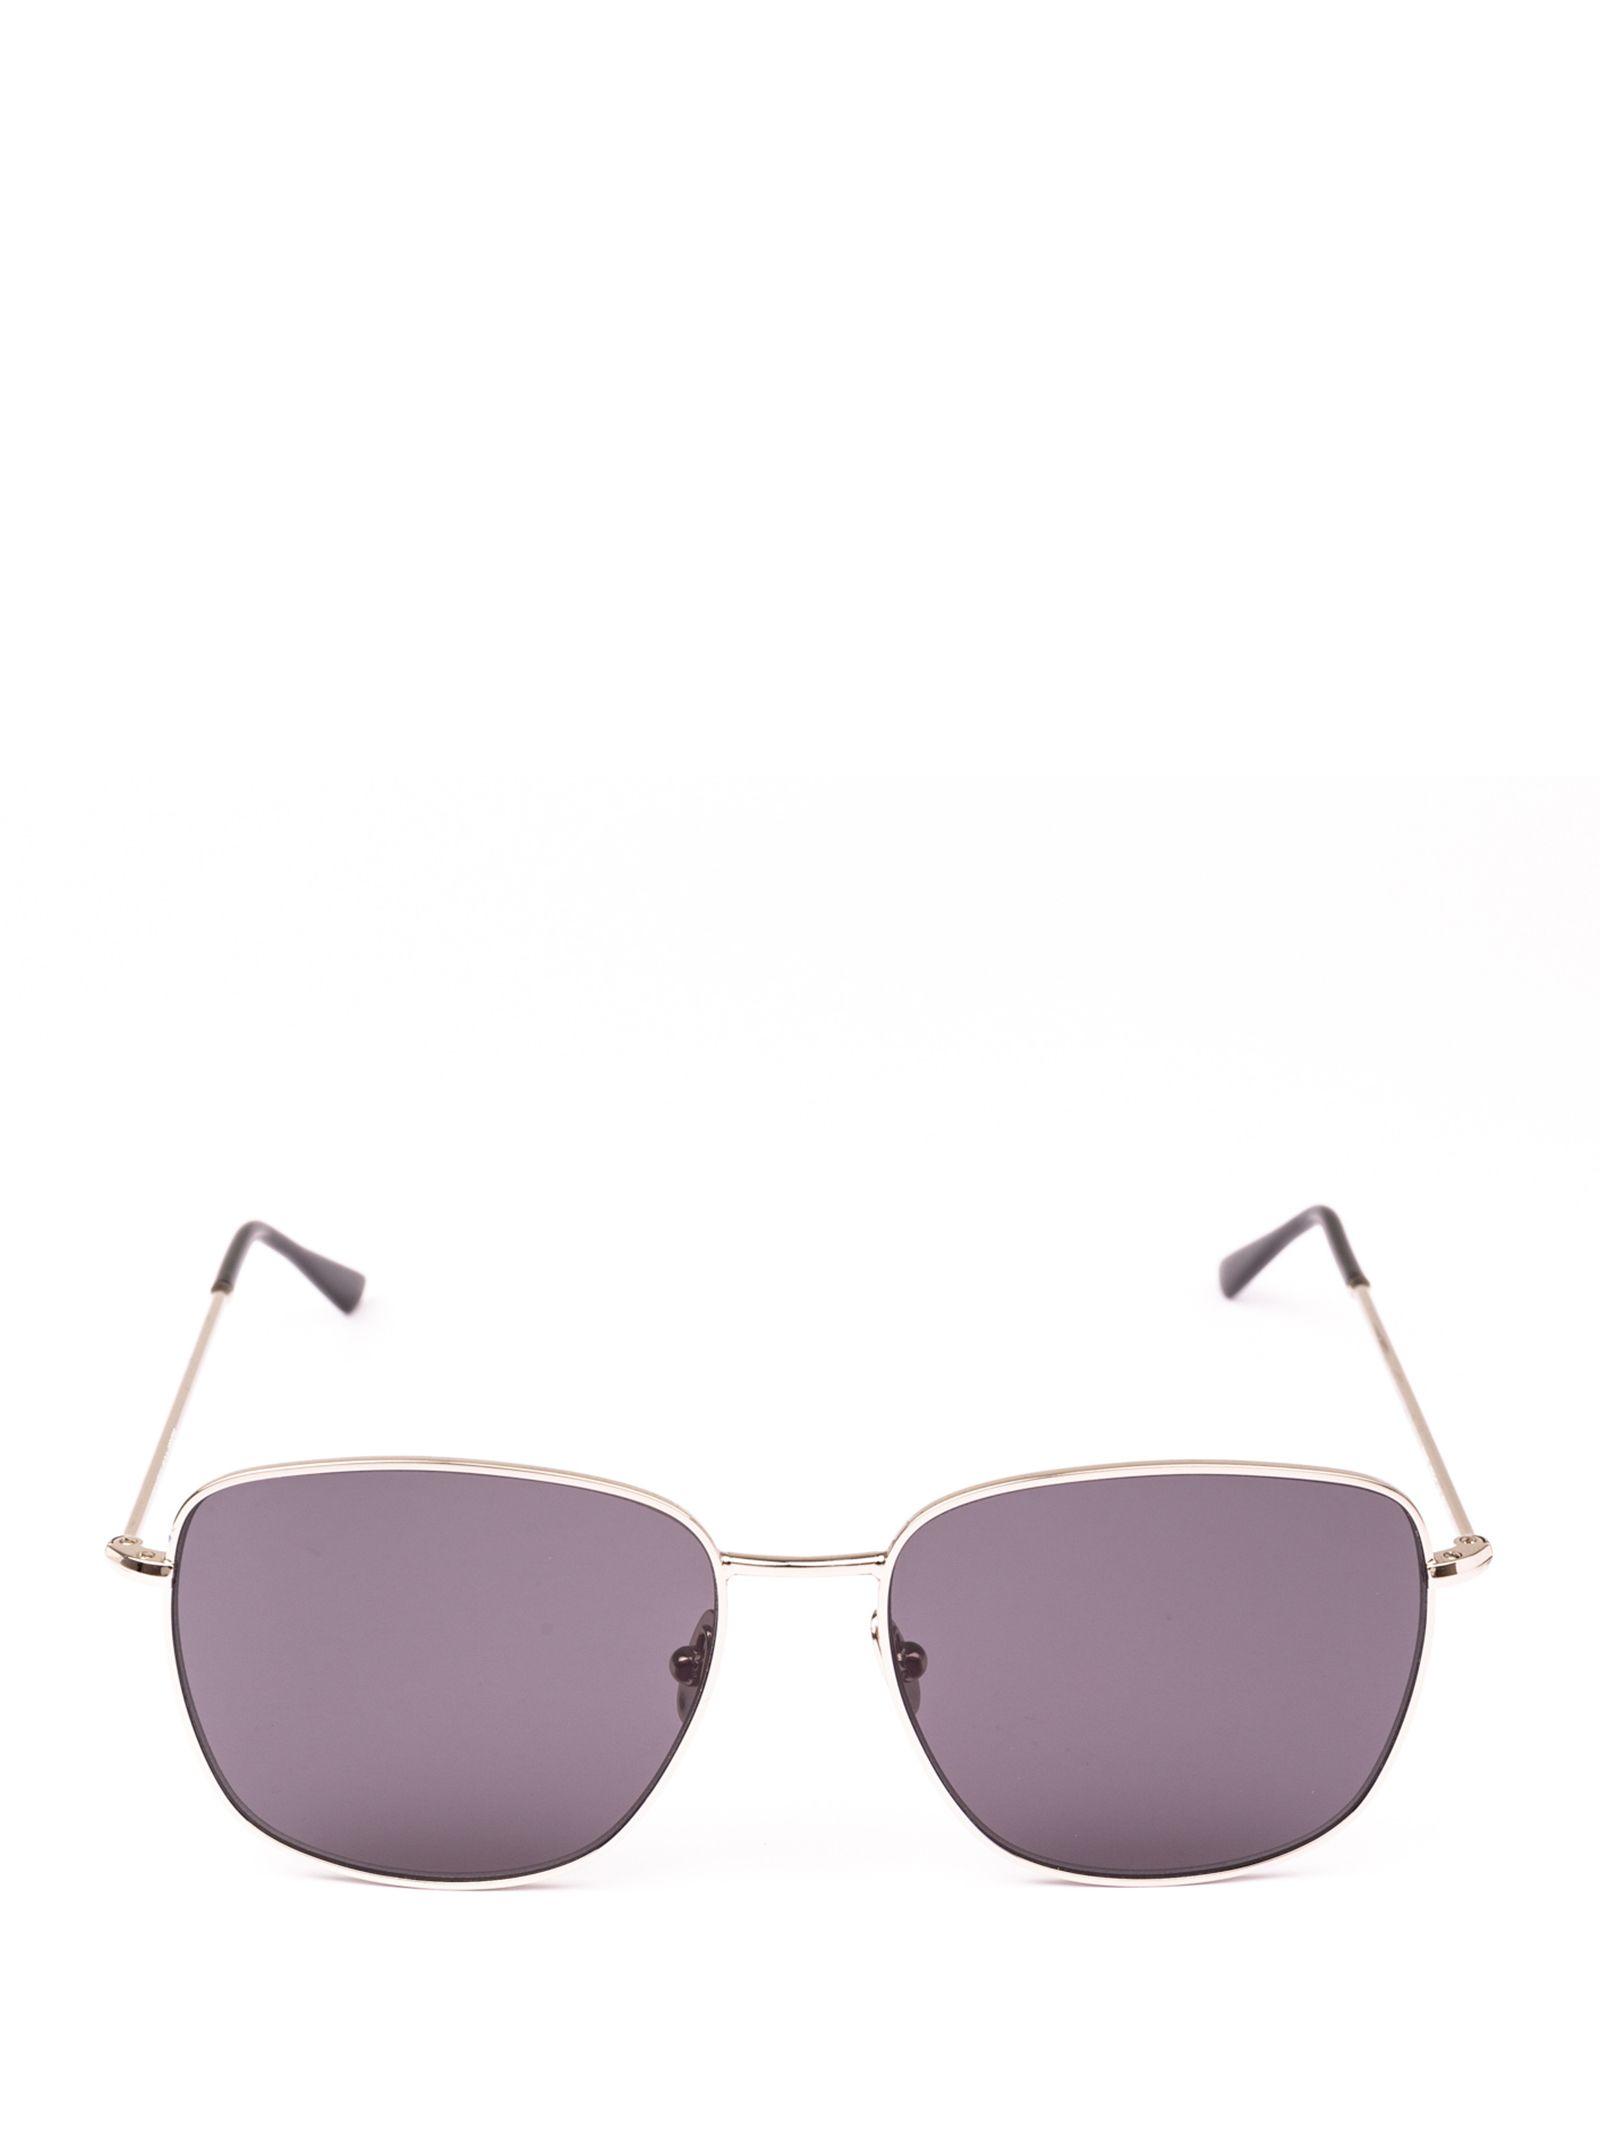 SPEKTRE Sunglasses in Av01Aft